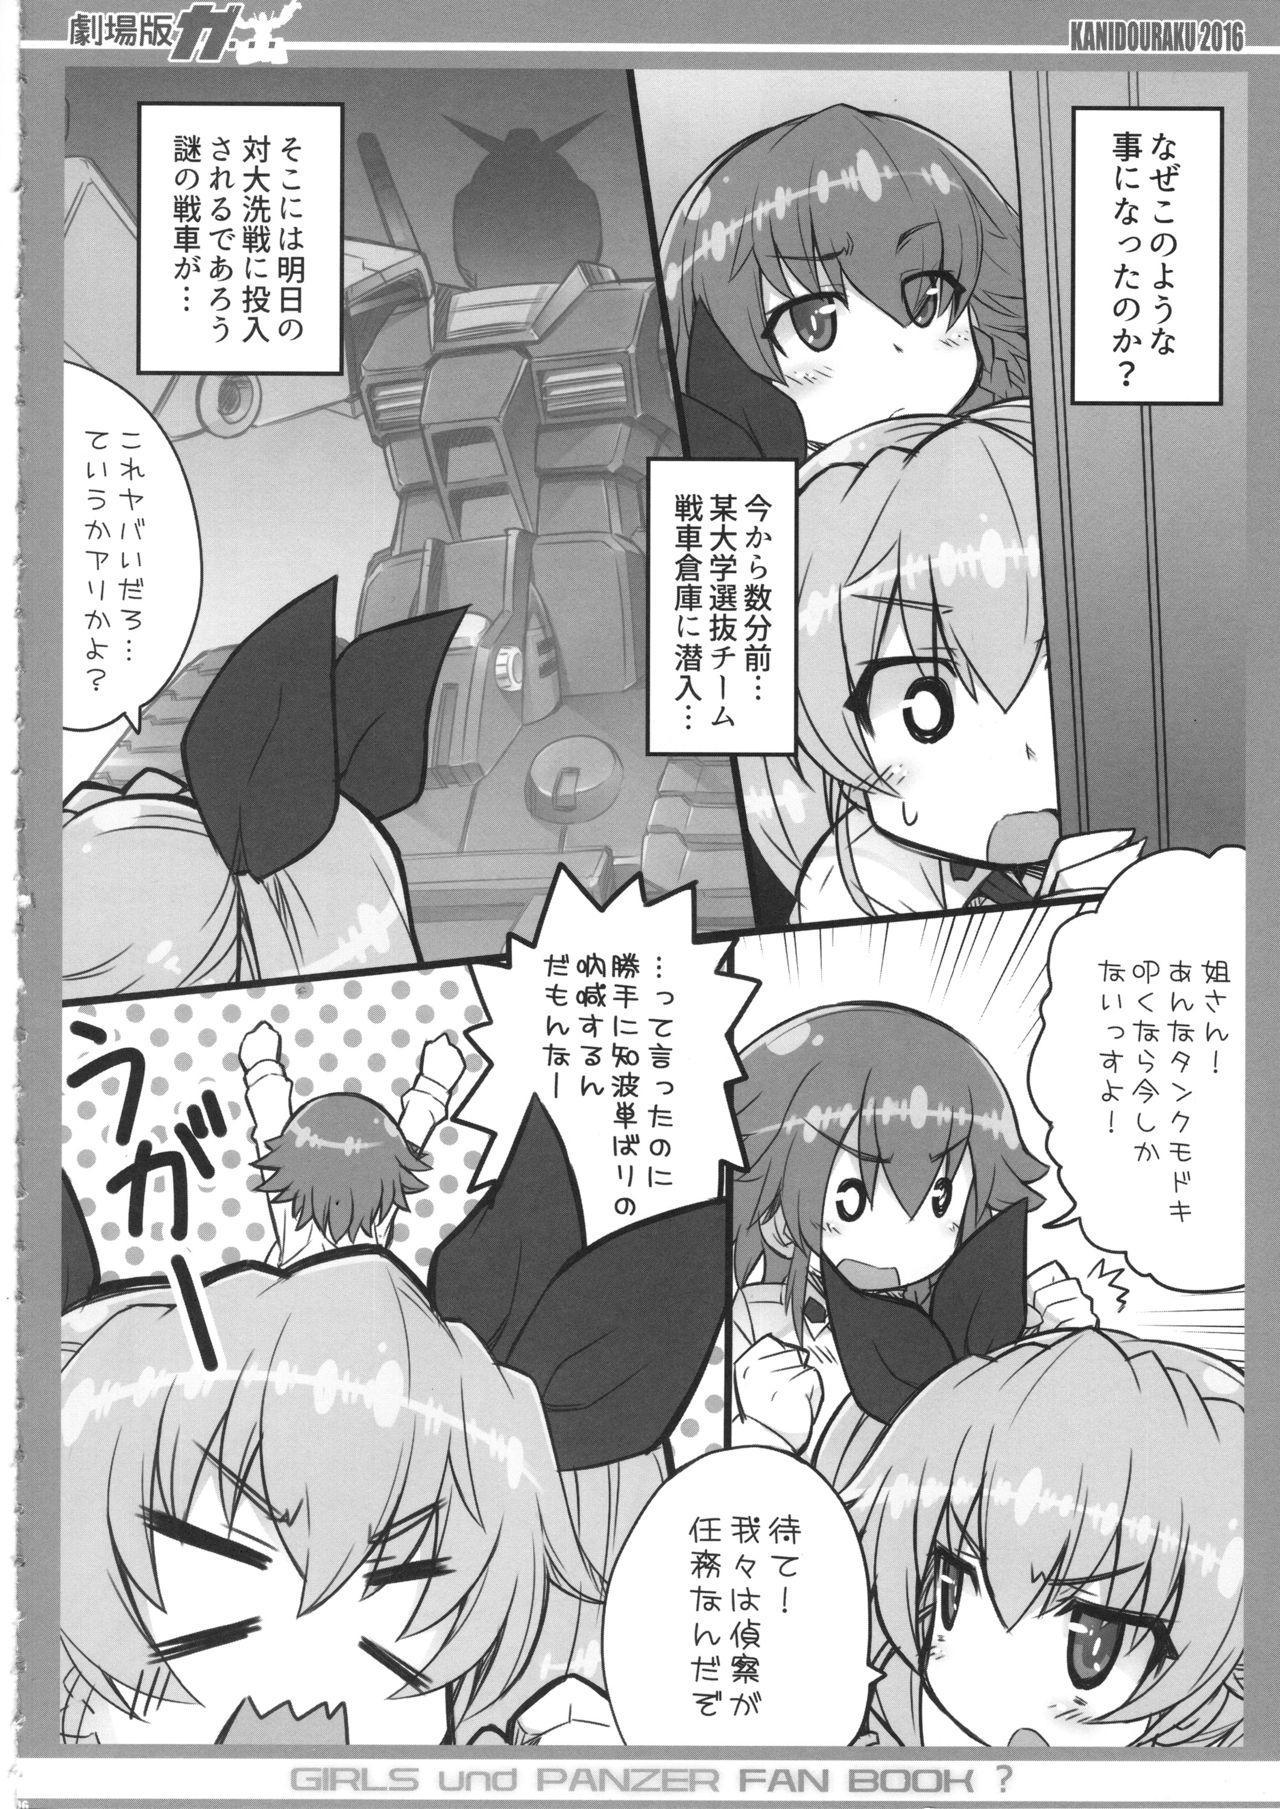 Gekijouban ga... 4